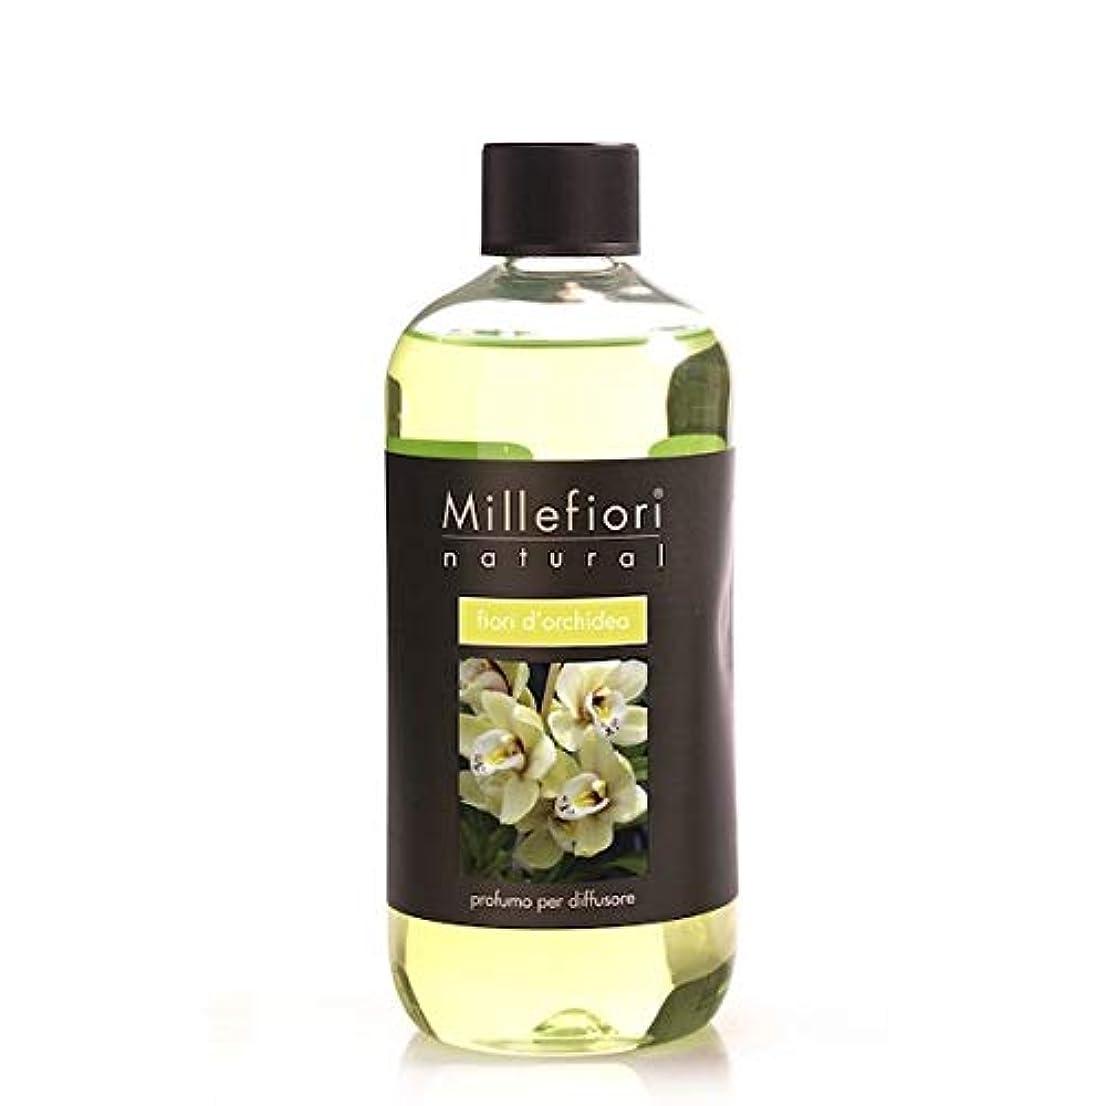 許容できる脚順応性ミッレフィオーリ(Millefiori) Natural オーキッド(FIORI DI ORCHIDEA) 交換用リフィル500ml [並行輸入品]